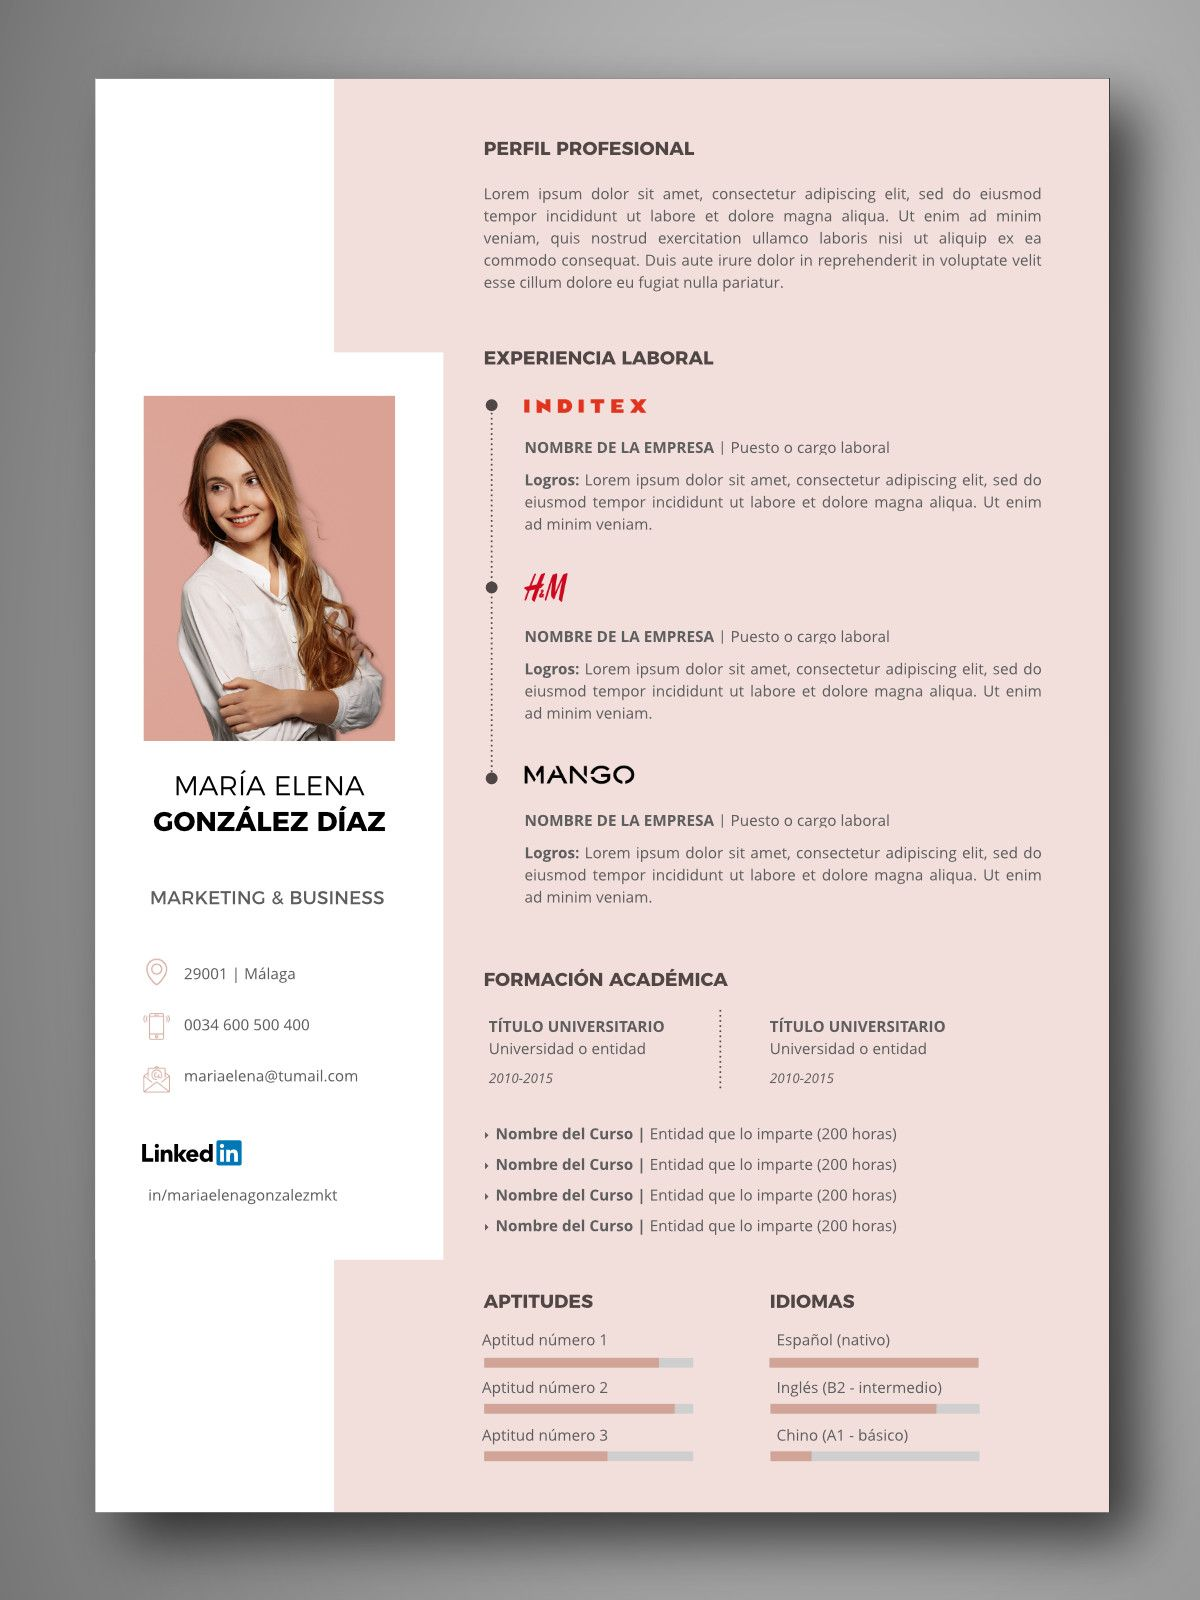 Plantilla D Curriculun : plantilla, curriculun, Curriculum, Sevilla, Vitae, Diseño, Grafico,, Diseños